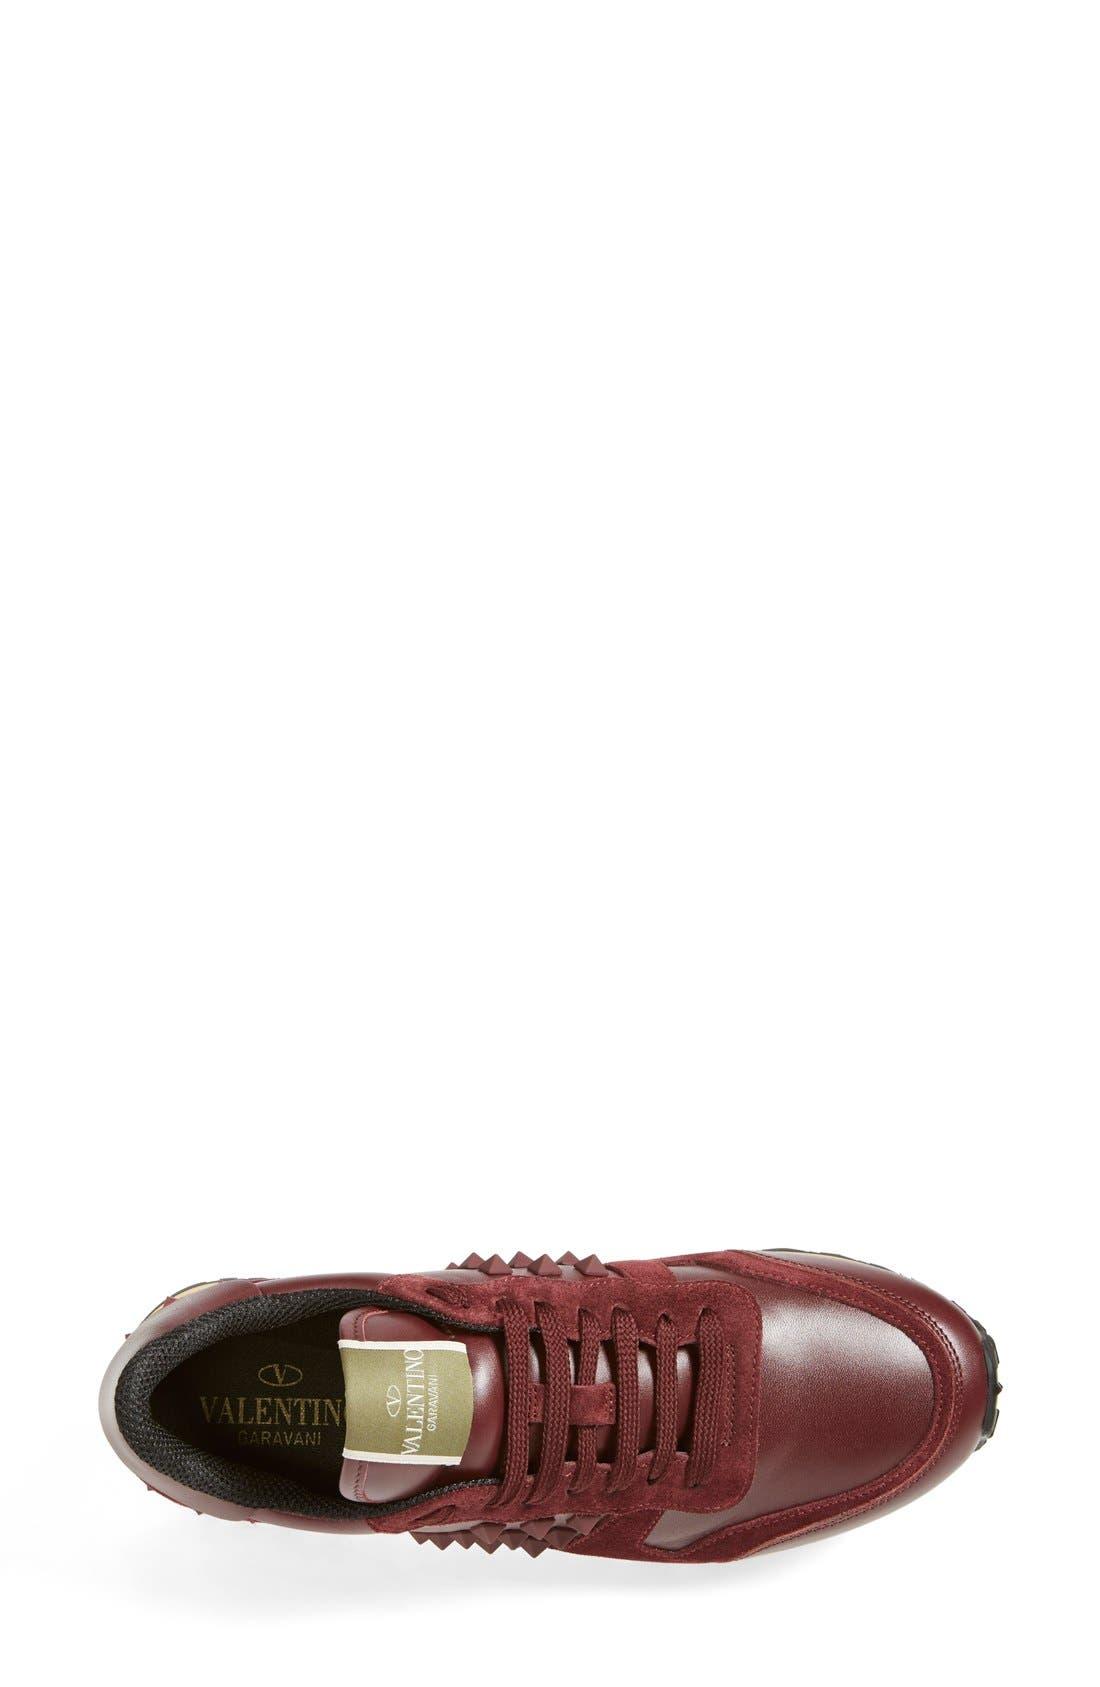 Alternate Image 3  - Valentino 'Rockrunner' Sneaker (Women)